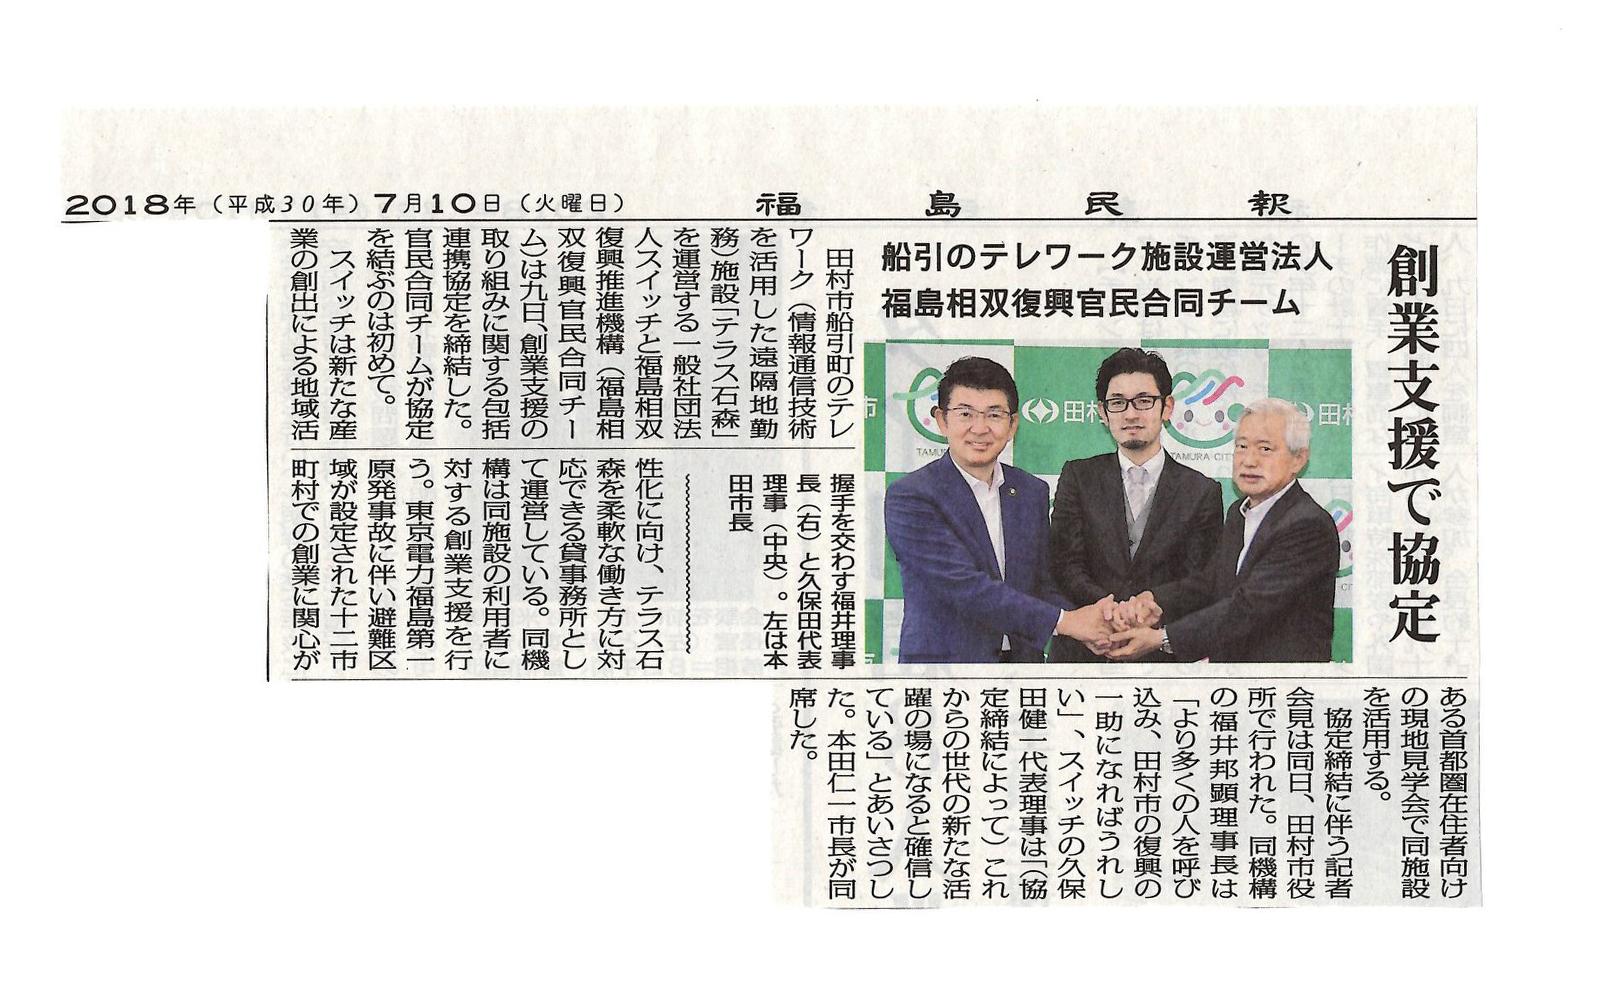 包括連携協定締結の新聞記事